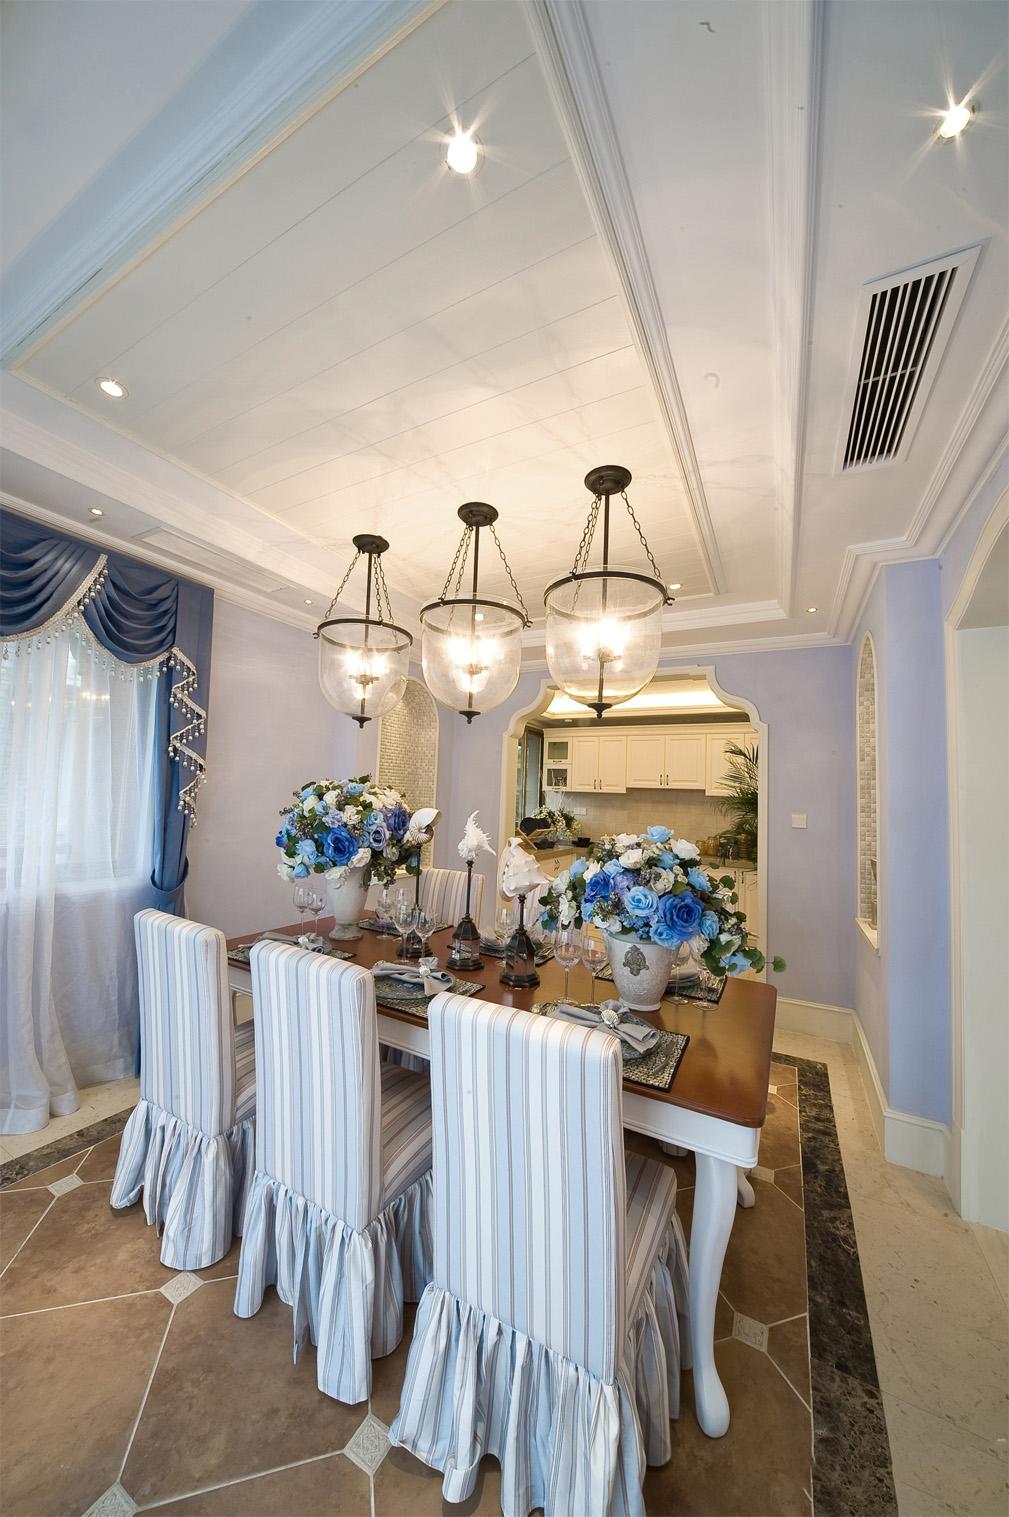 地中海风格别墅餐厅装修设计图